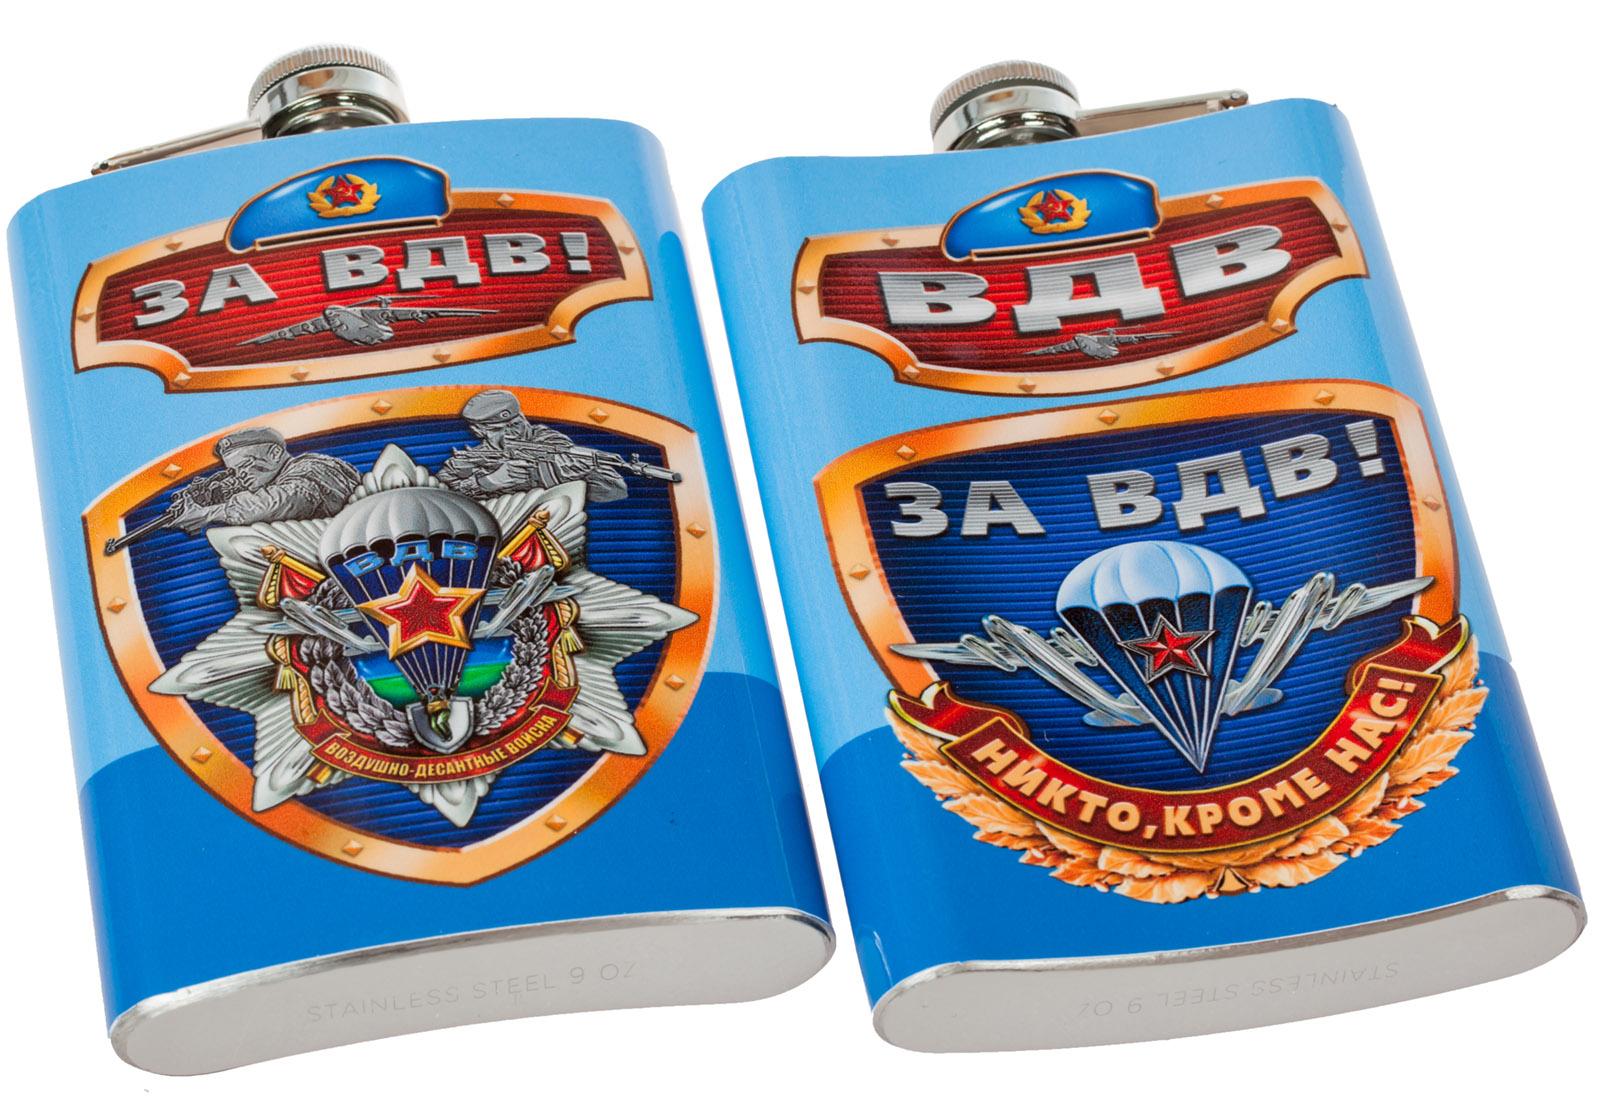 """Фляжка десантнику """"За ВДВ"""" с доставкой от Военторга Военпро"""